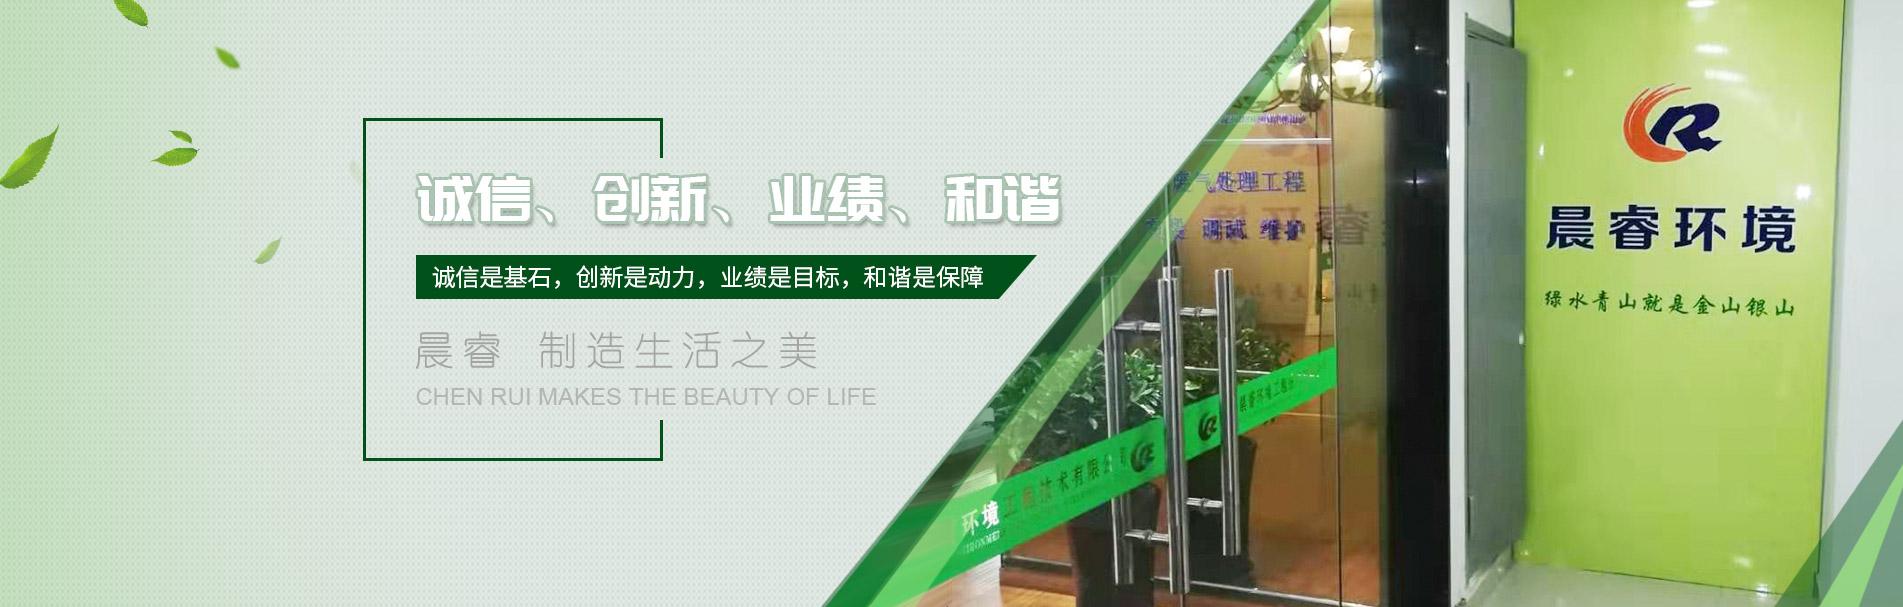 苏州晨睿环境工程技术有限公司